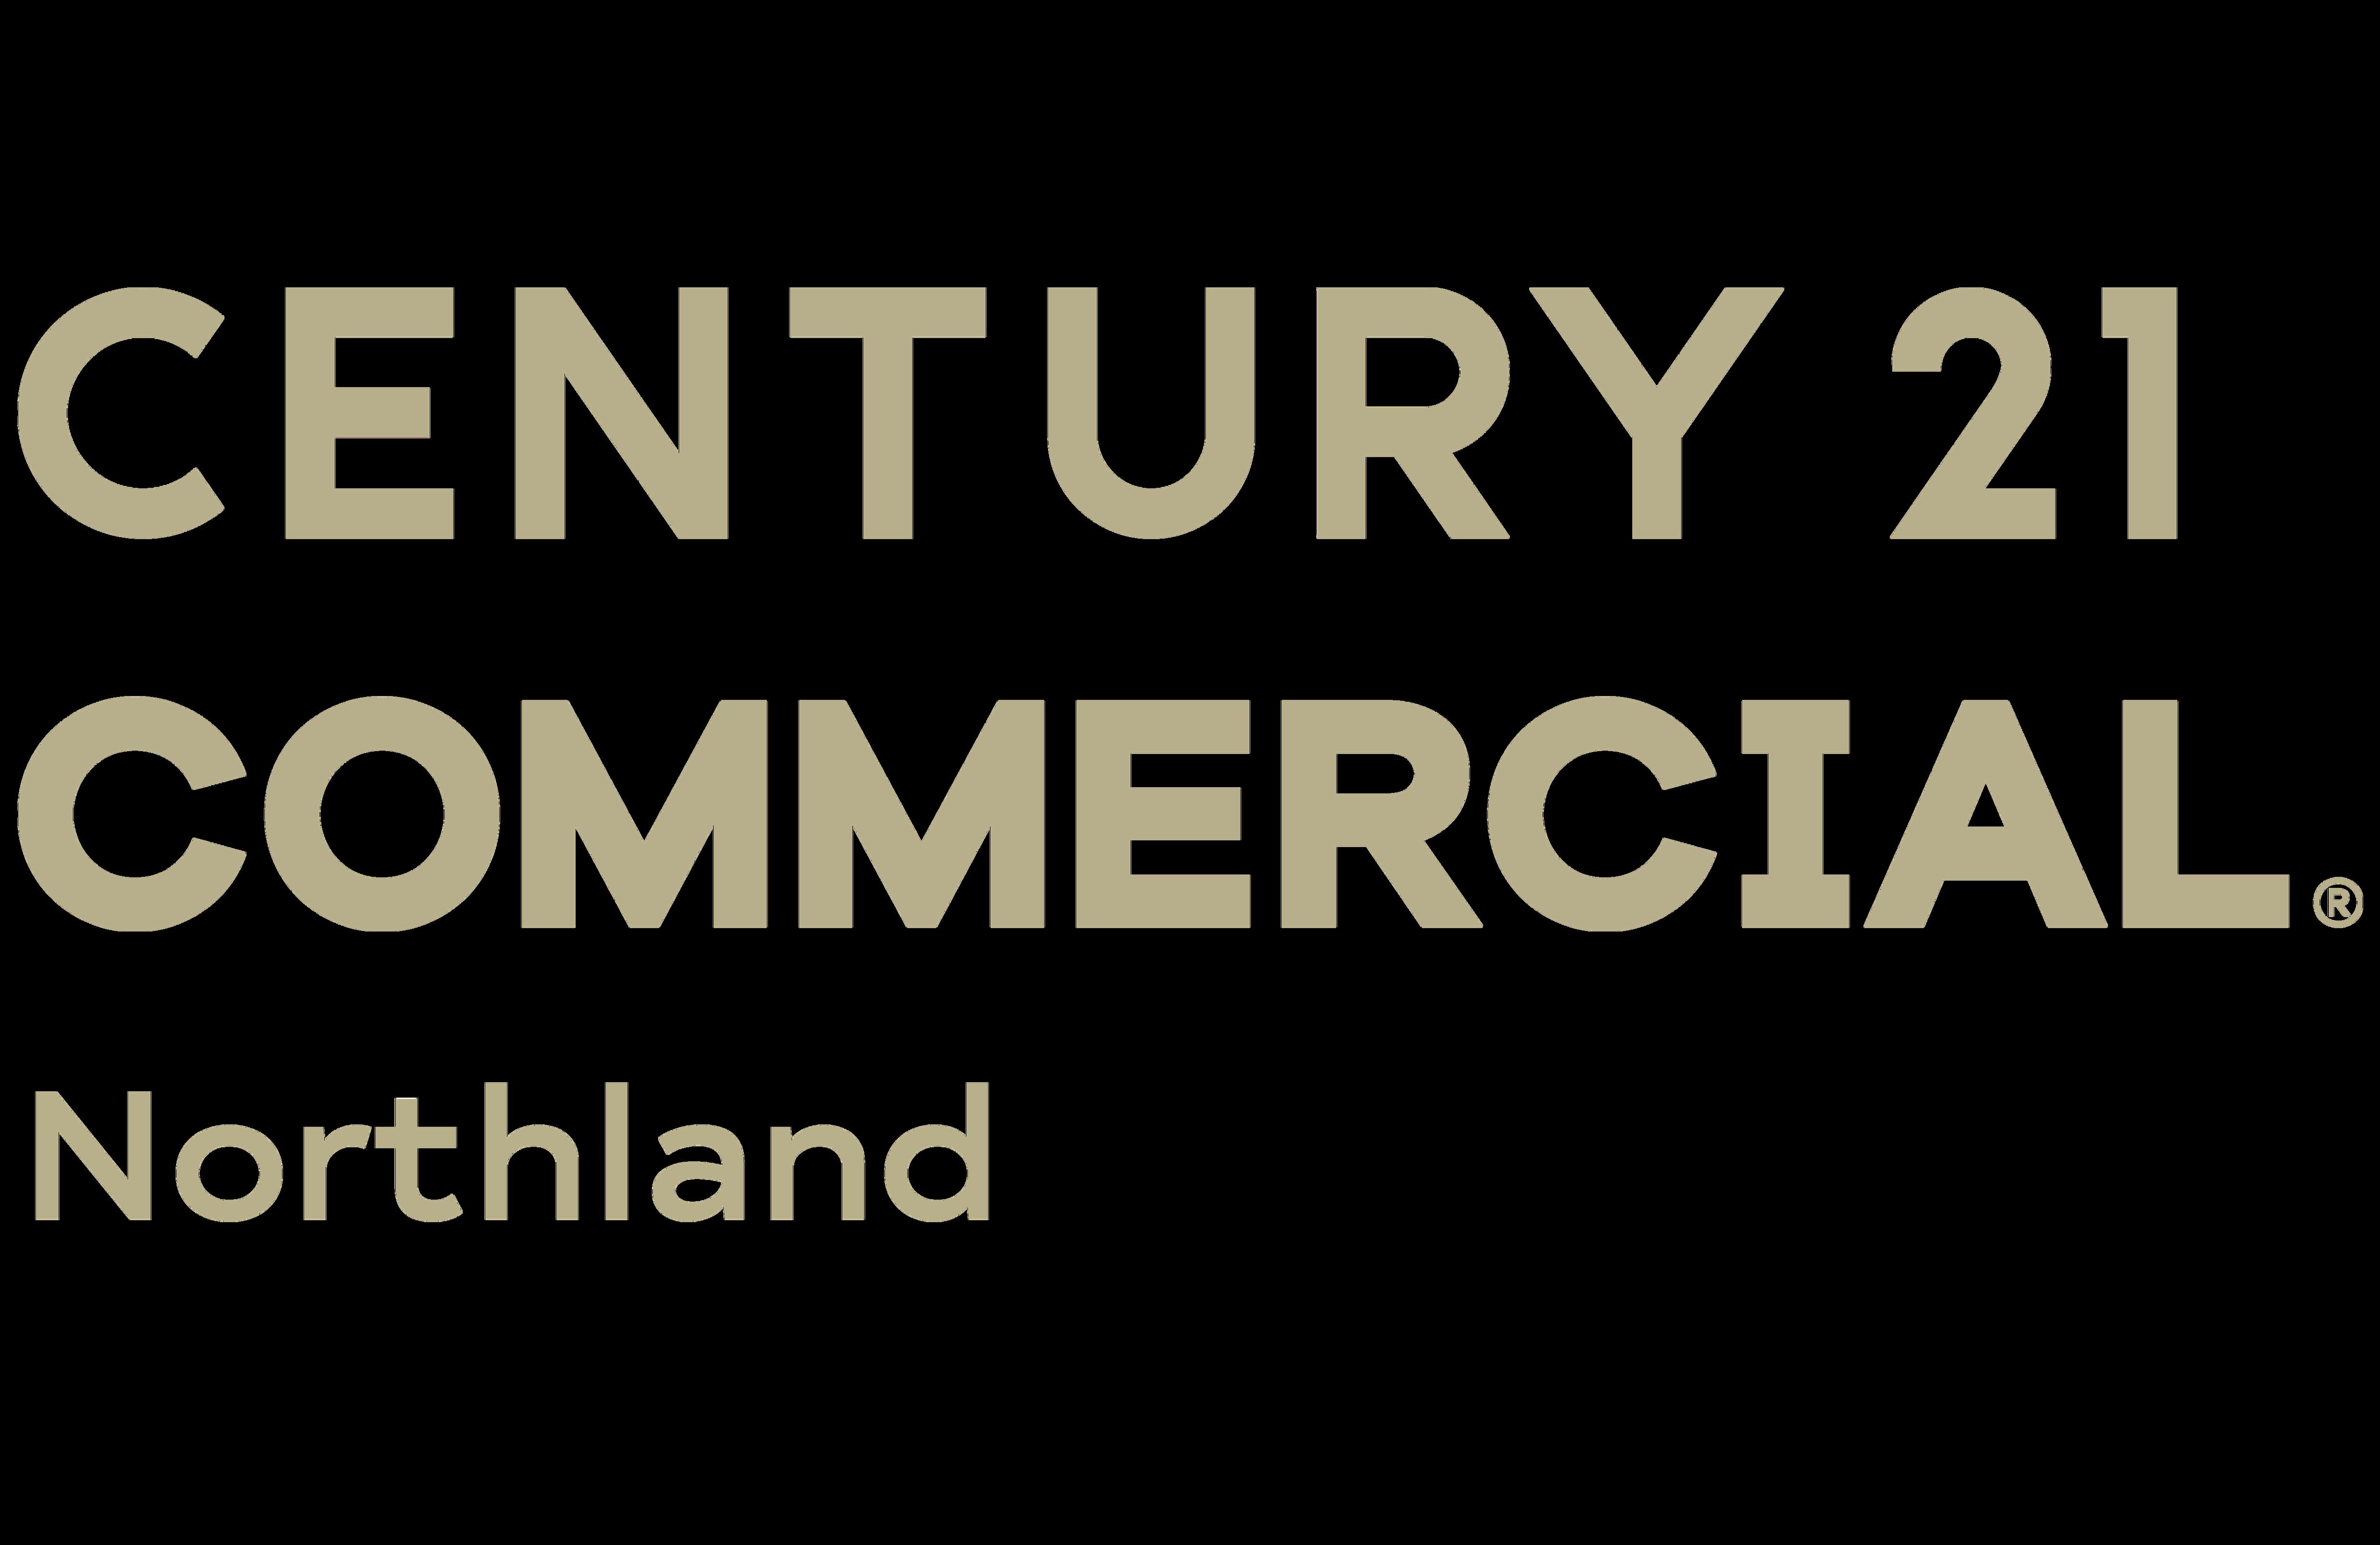 CENTURY 21 Northland